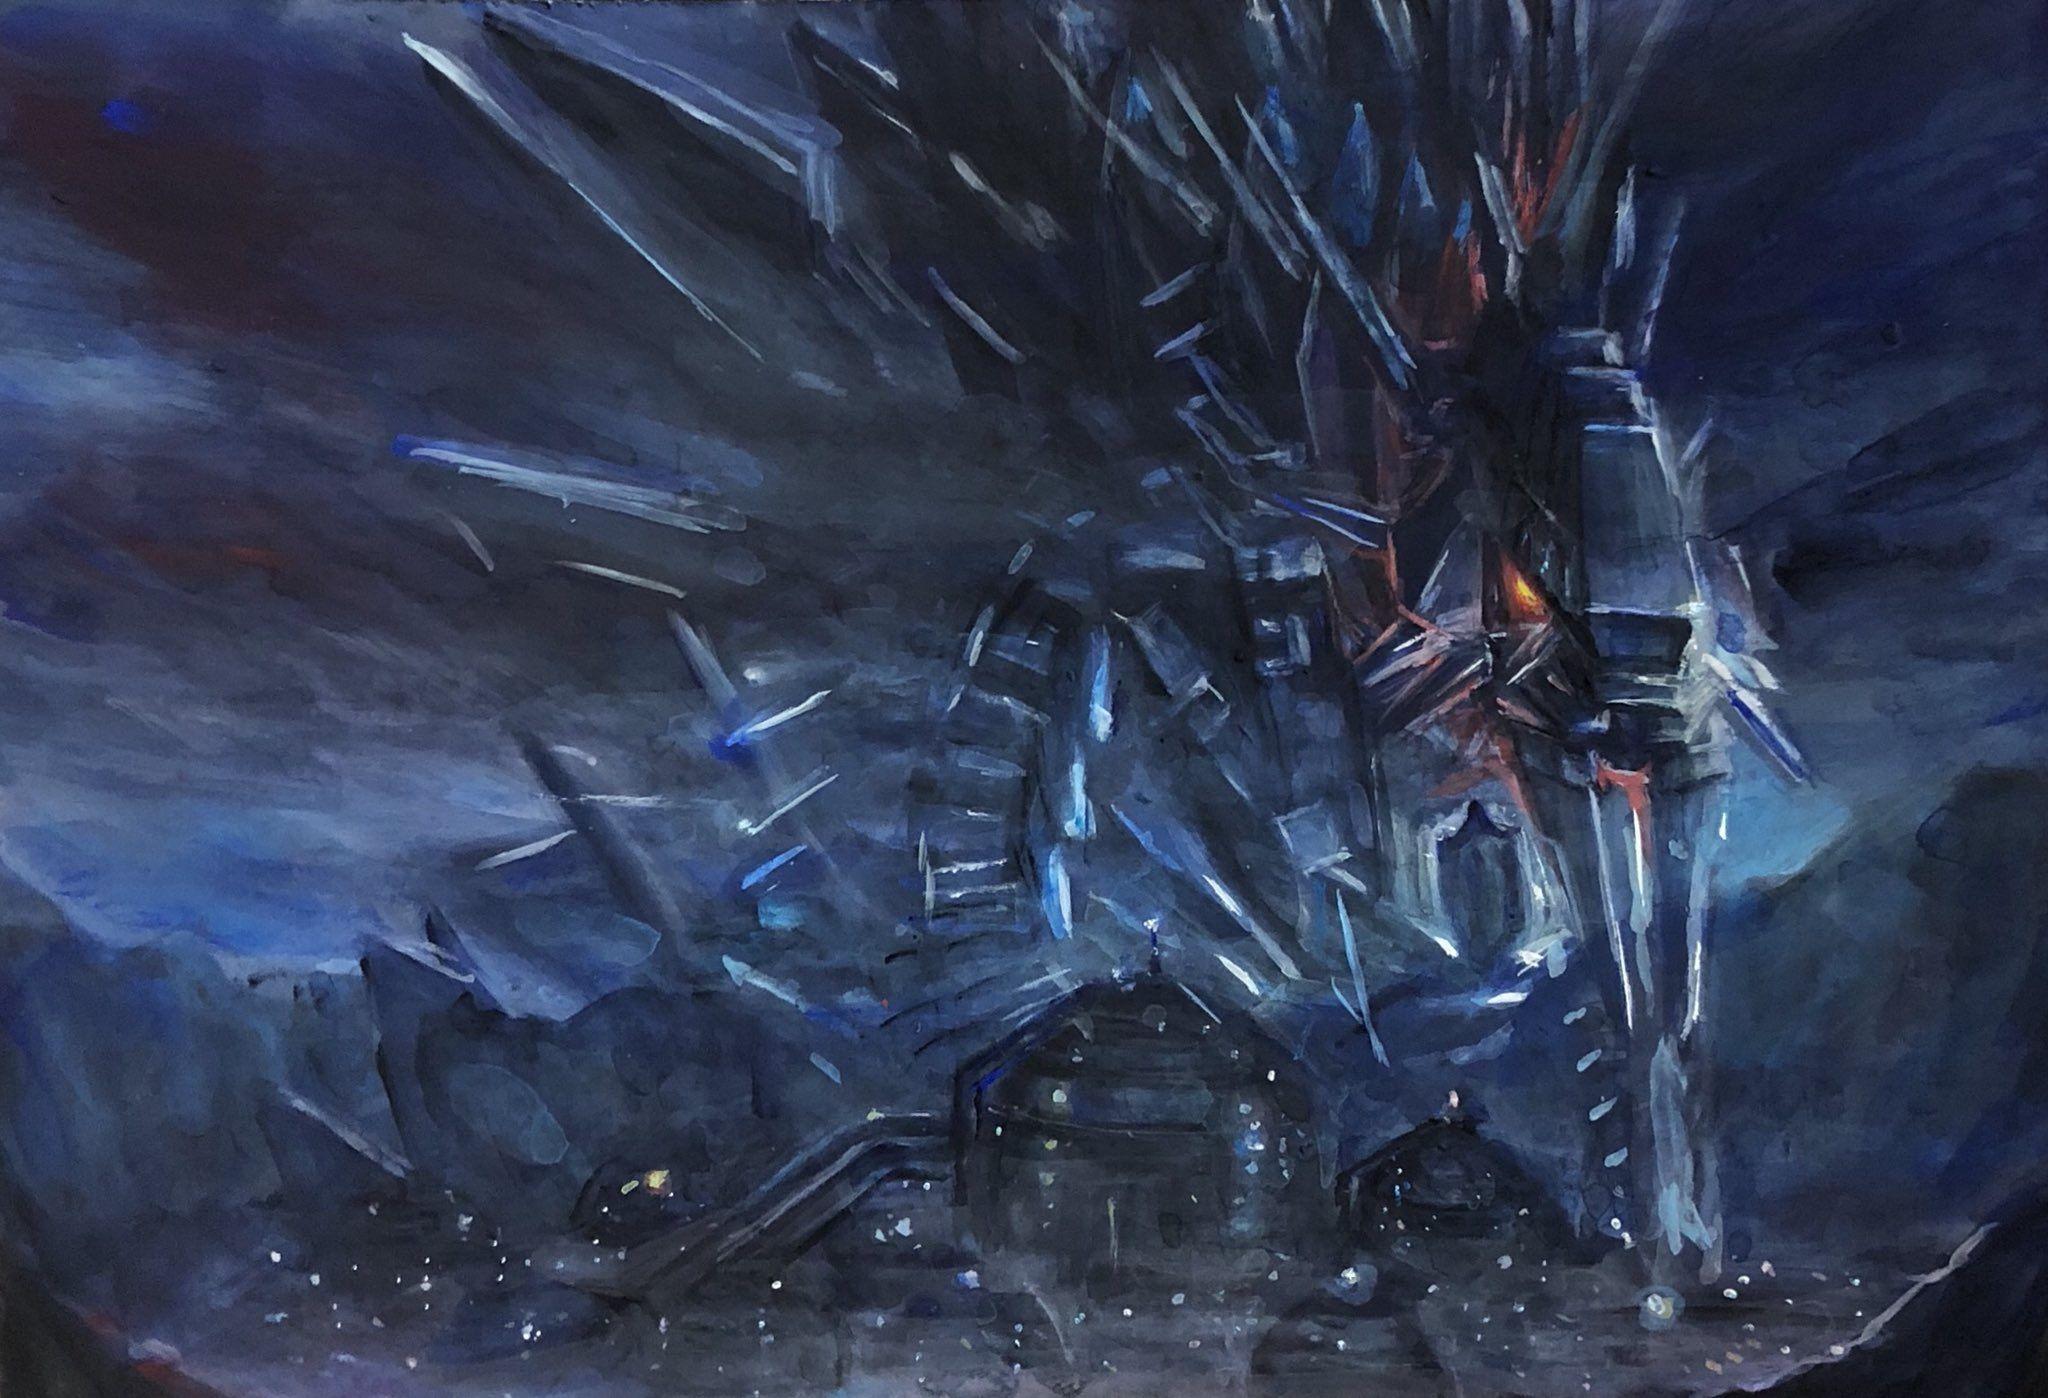 Mechagodzilla (Godzilla anime) (With images) Godzilla